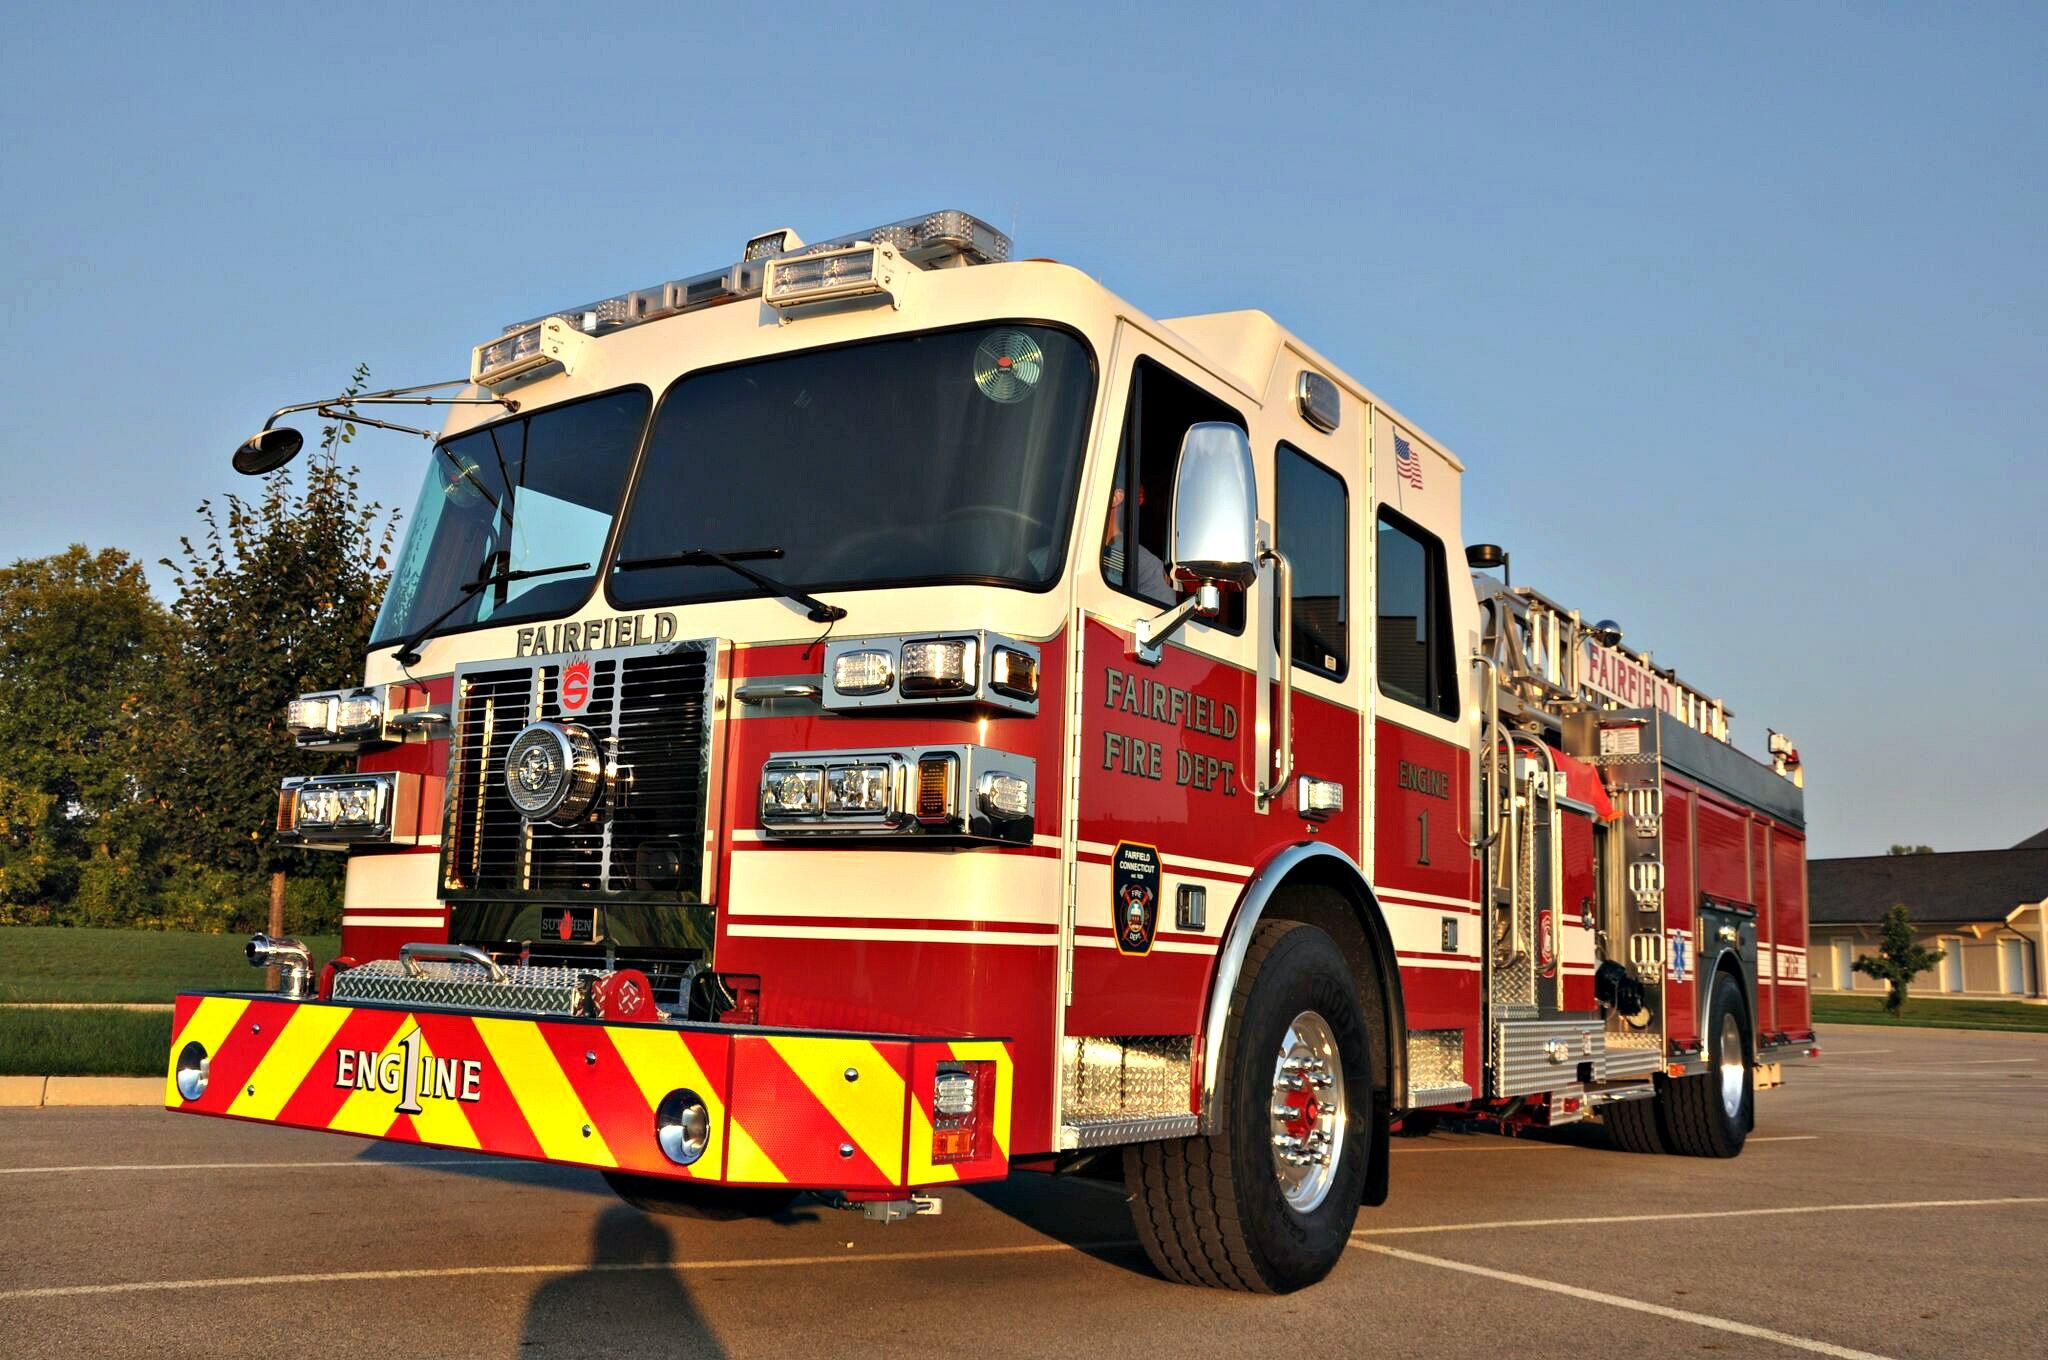 SL 75 Aerial Ladder, Fairfield, CT